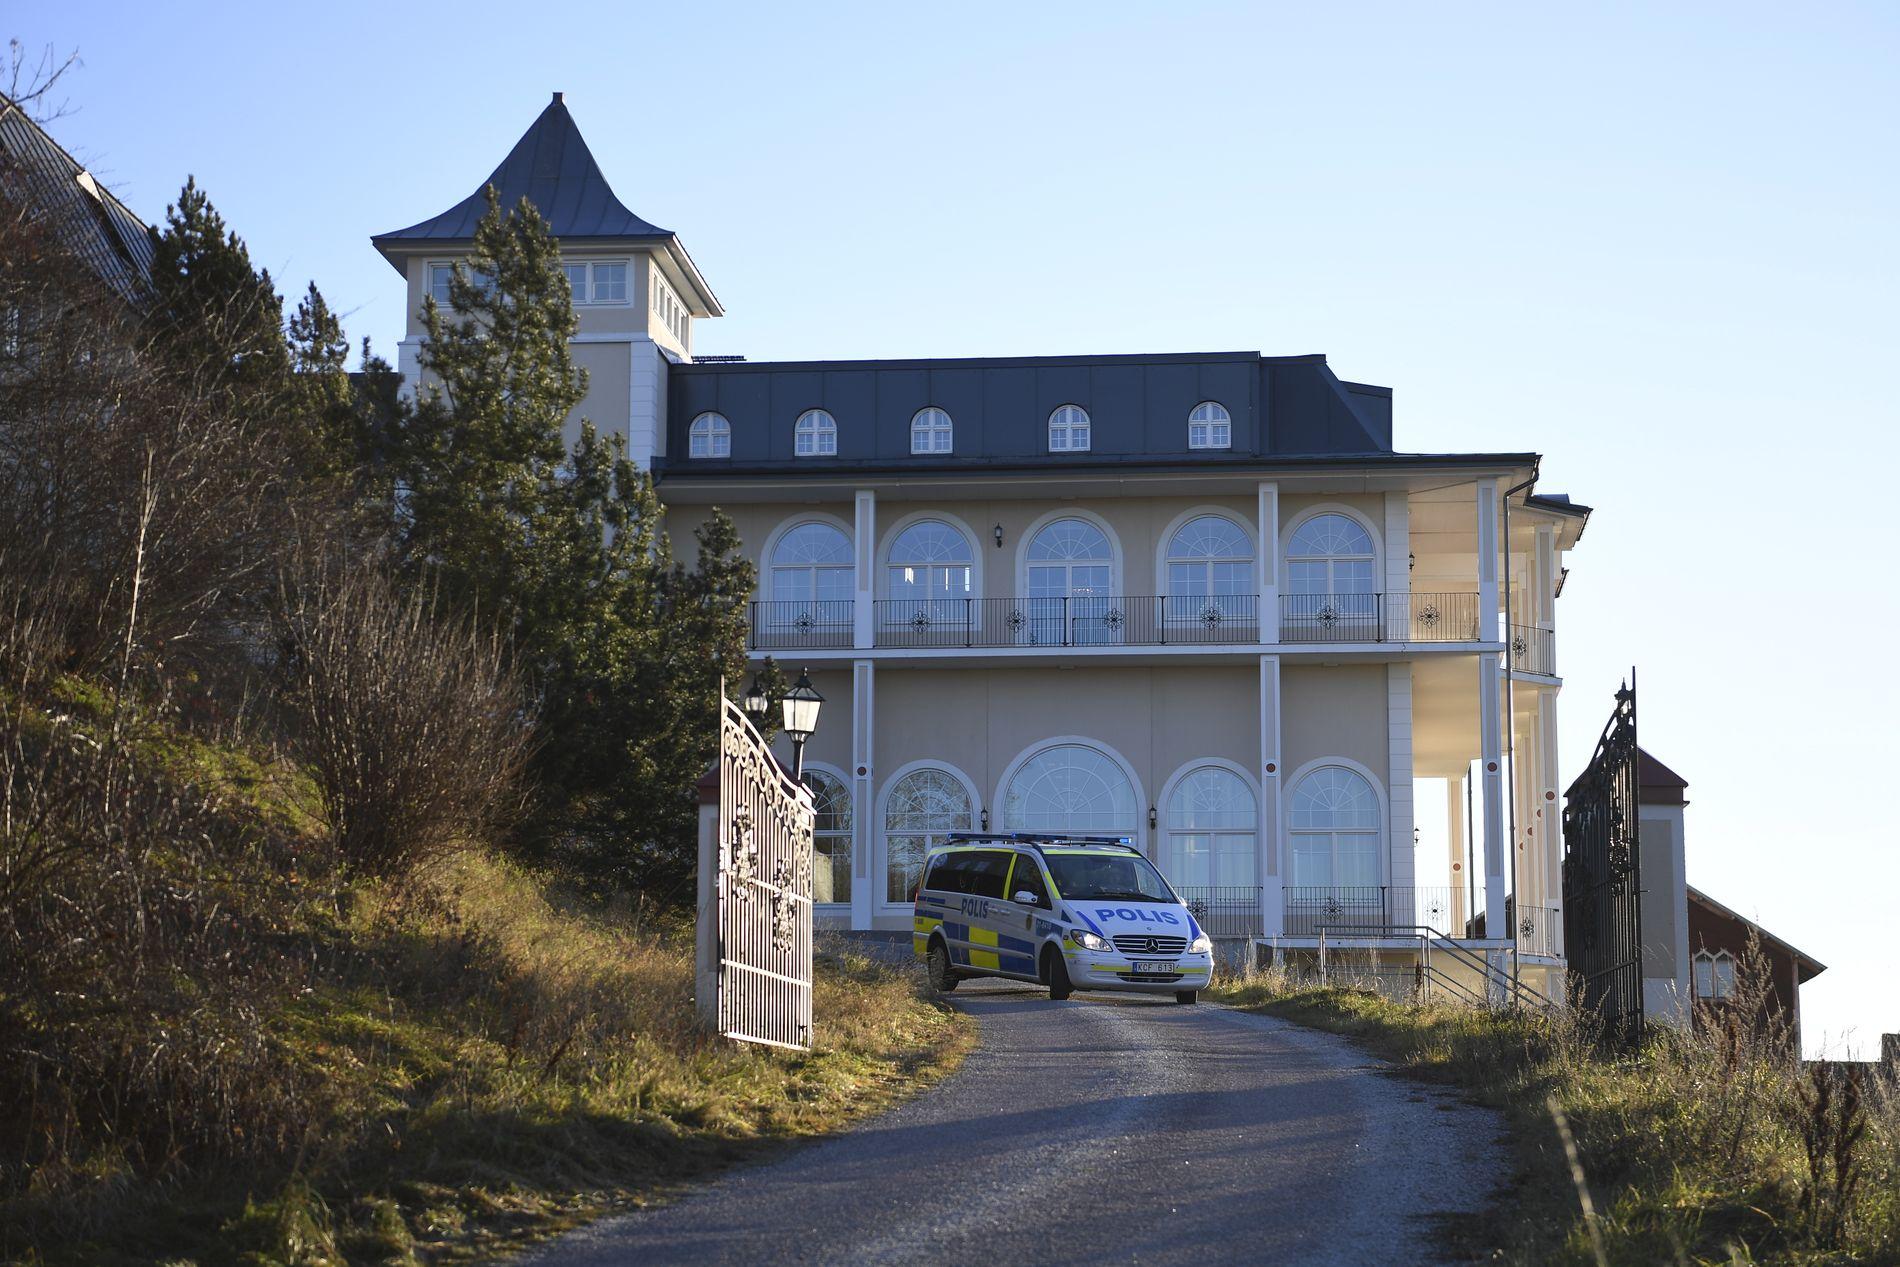 FORHANDLINGSSTEDET: Fredssamtalene skal holdes ved Johannesberg slott i Rimbo noen mil nord for Stockholm.